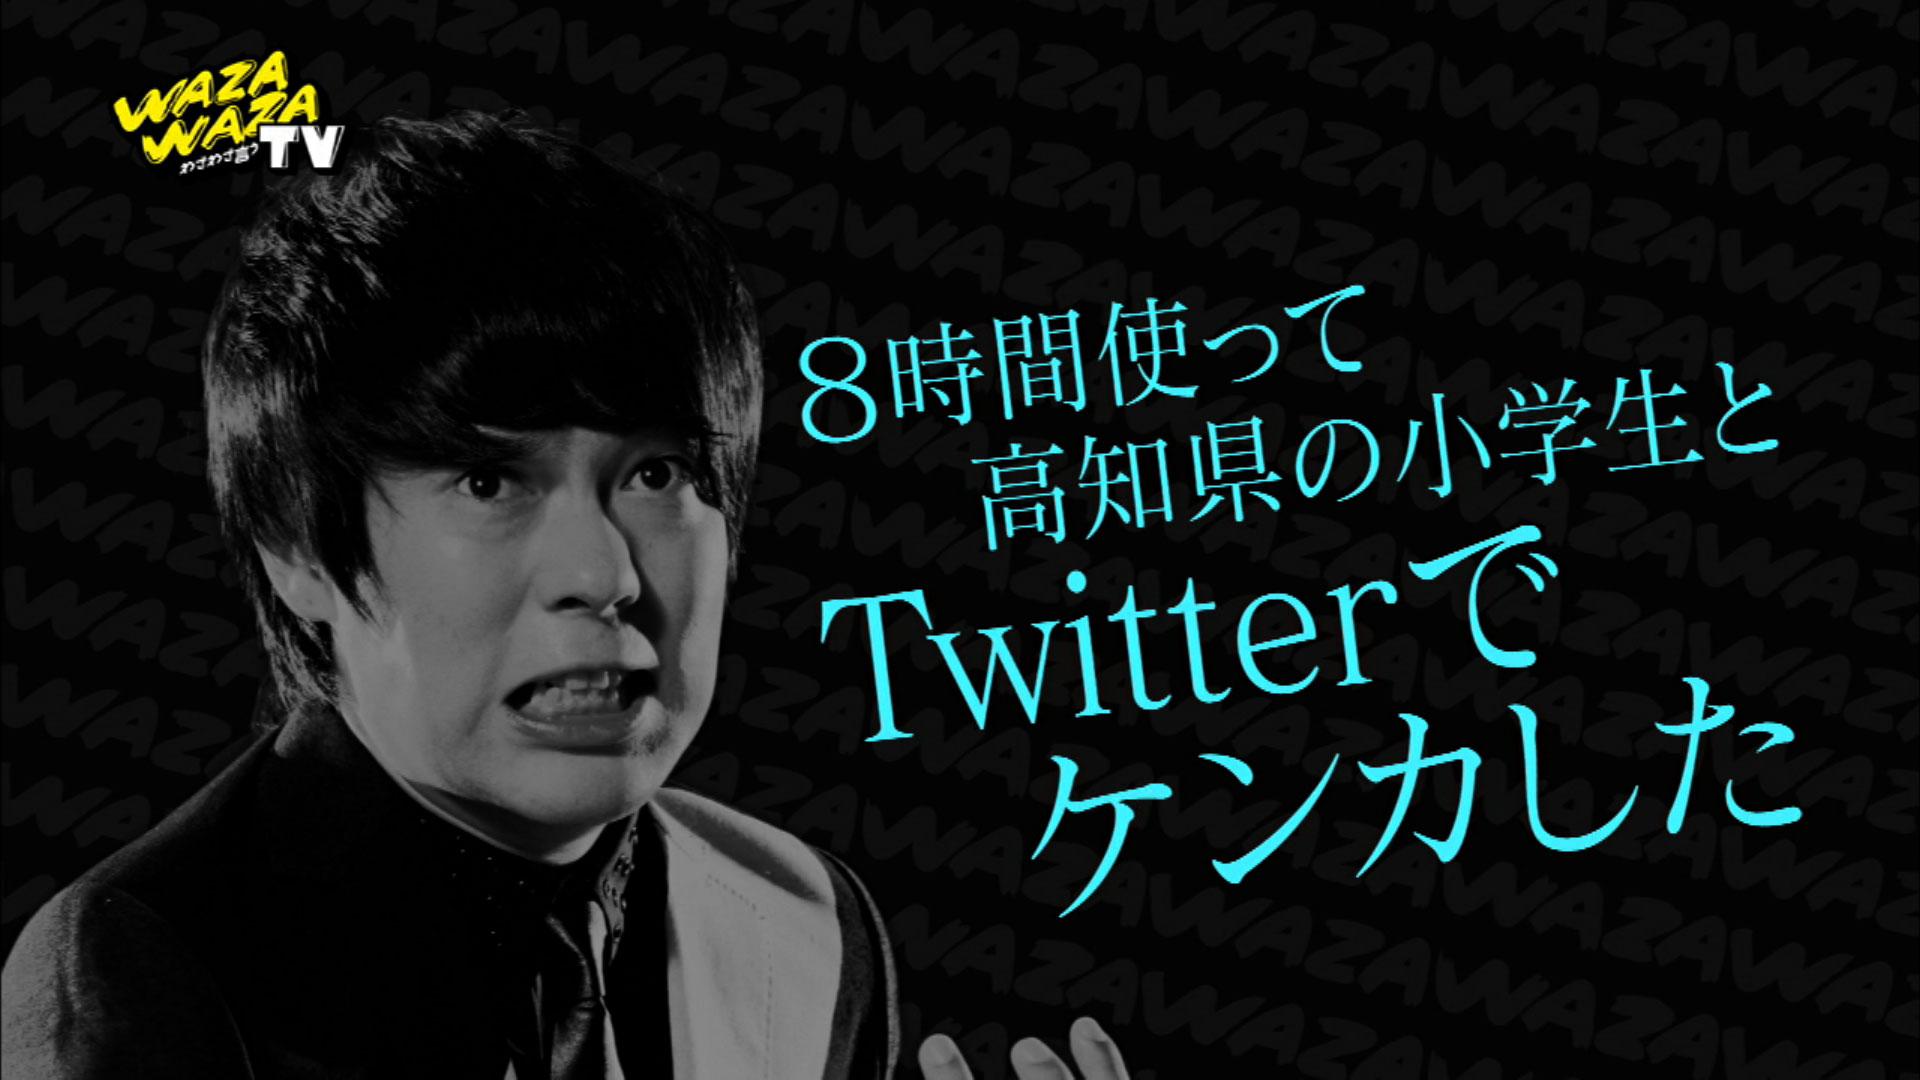 8時間使って高知県の小学生とTwitterでケンカした